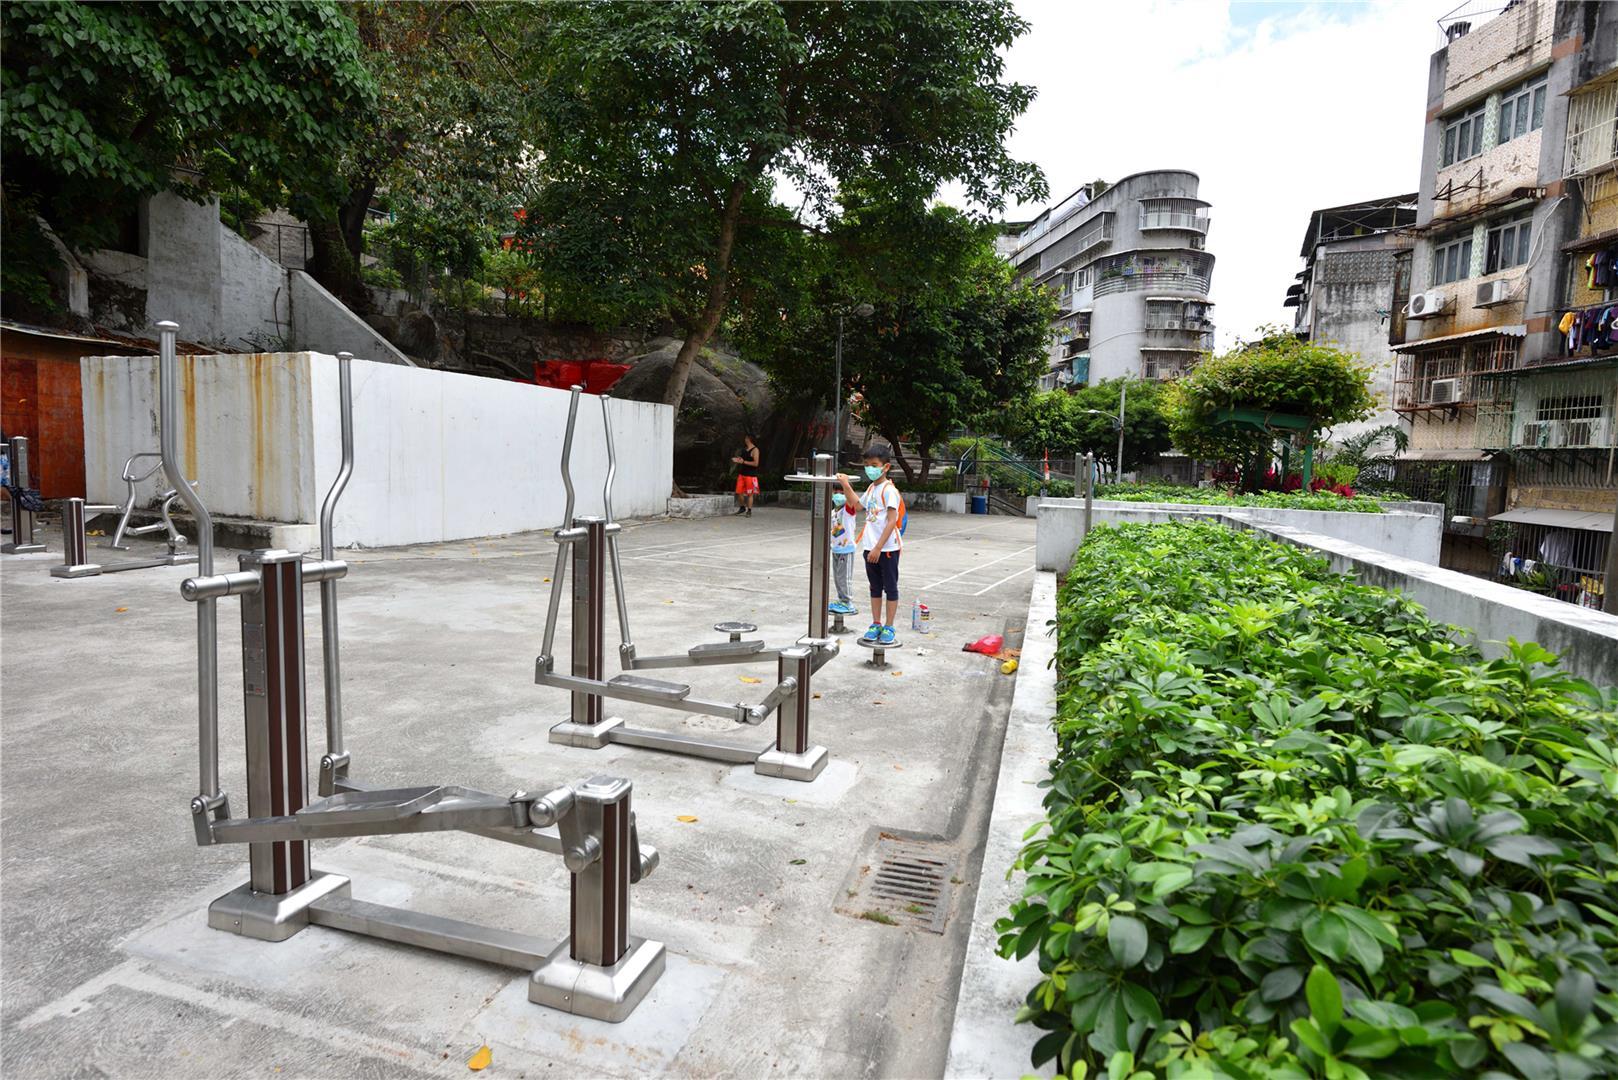 Leisure Area of Monkey King Temple in Luís de Camões Park